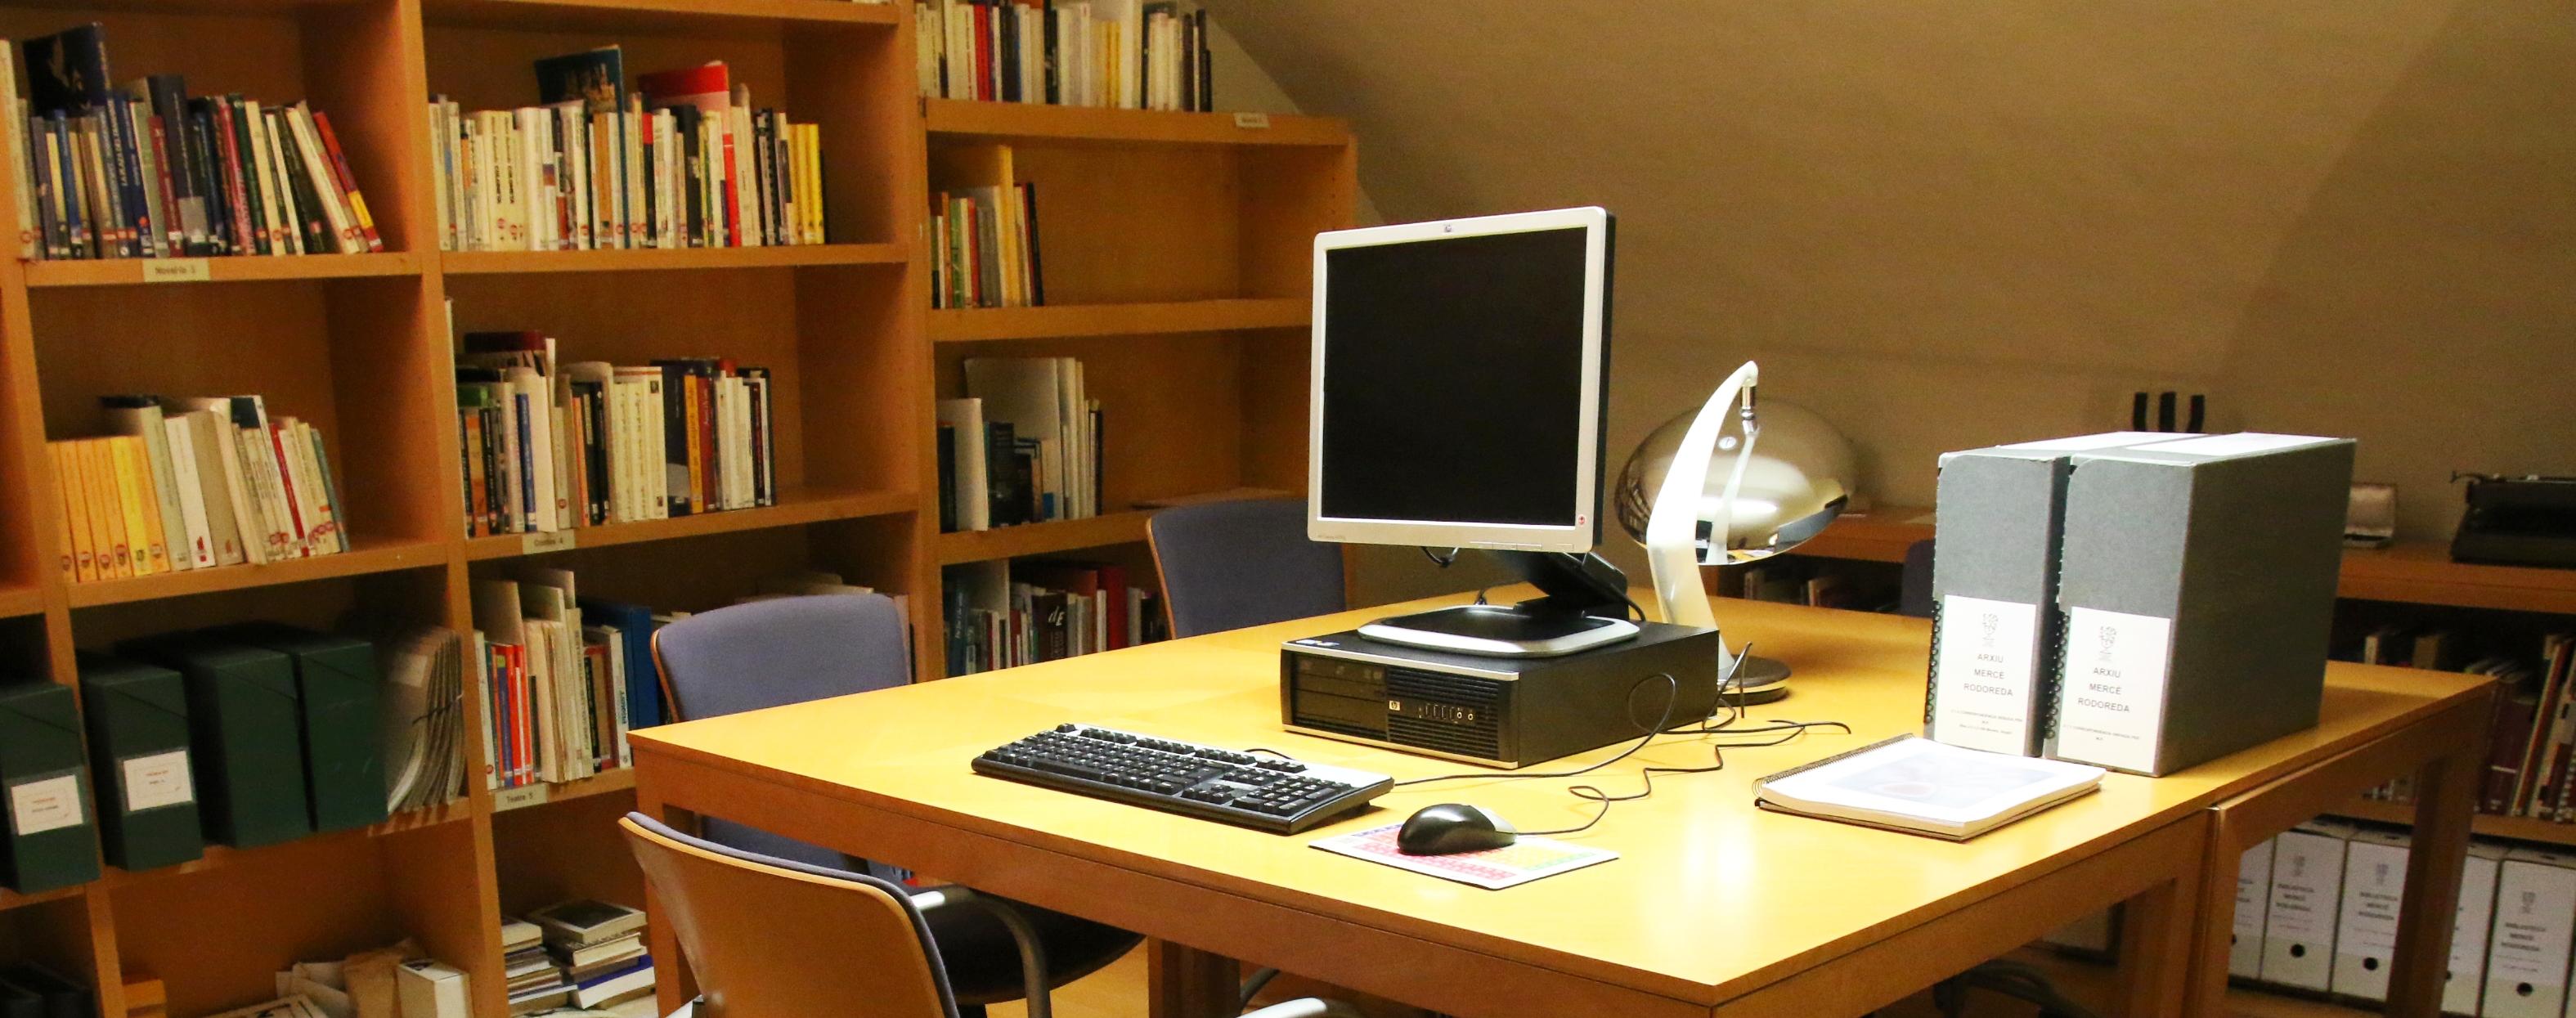 Arxiu IEC. Sala de consulta. Foto: Eulàlia Miret